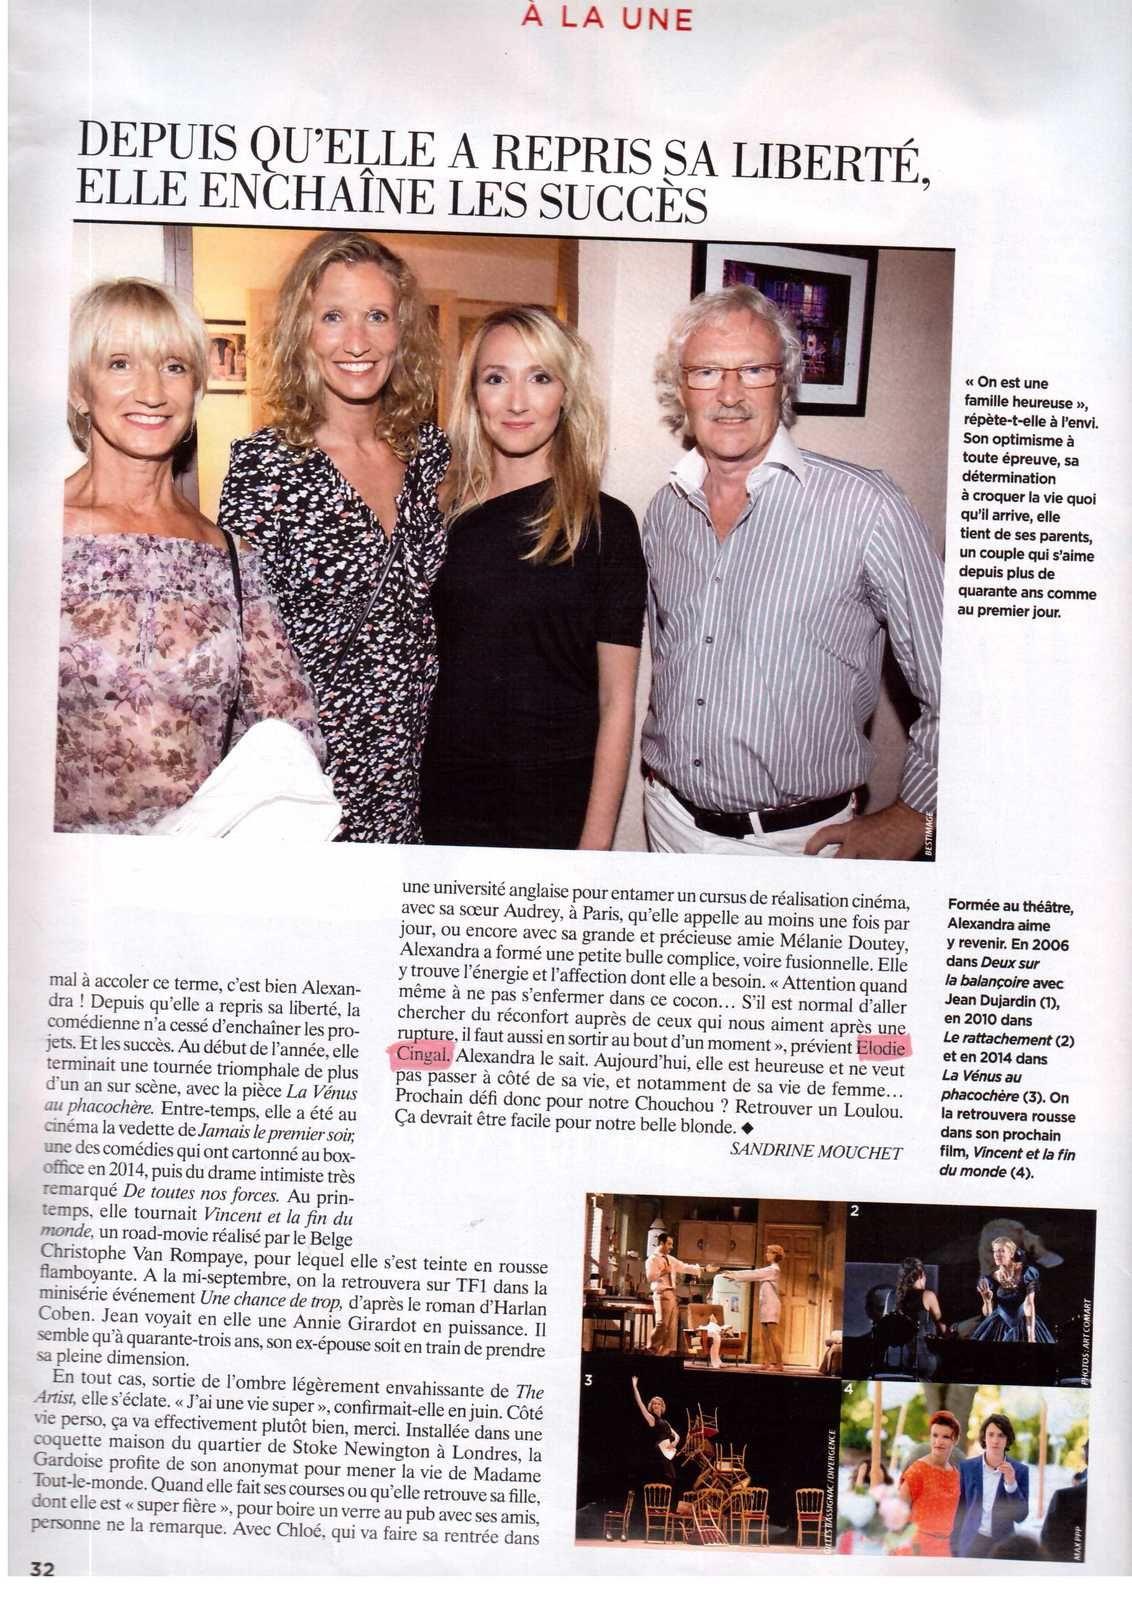 Elodie dans Gala 22/07/2015 Alexandra Lamy et Jean Dujardin